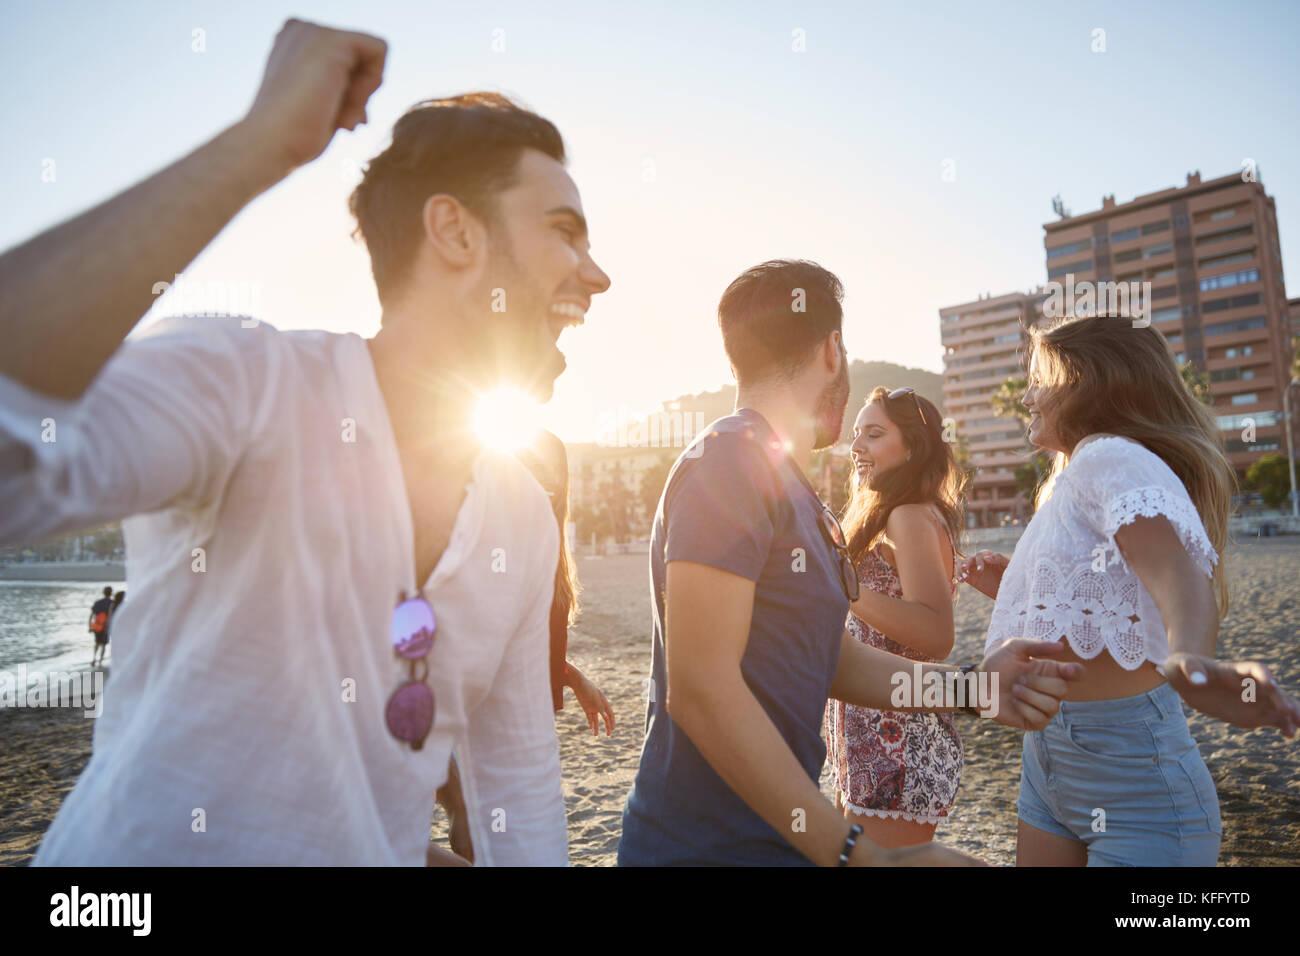 Ritratto di giovani uomini ballando con le loro fidanzate sulla spiaggia Immagini Stock